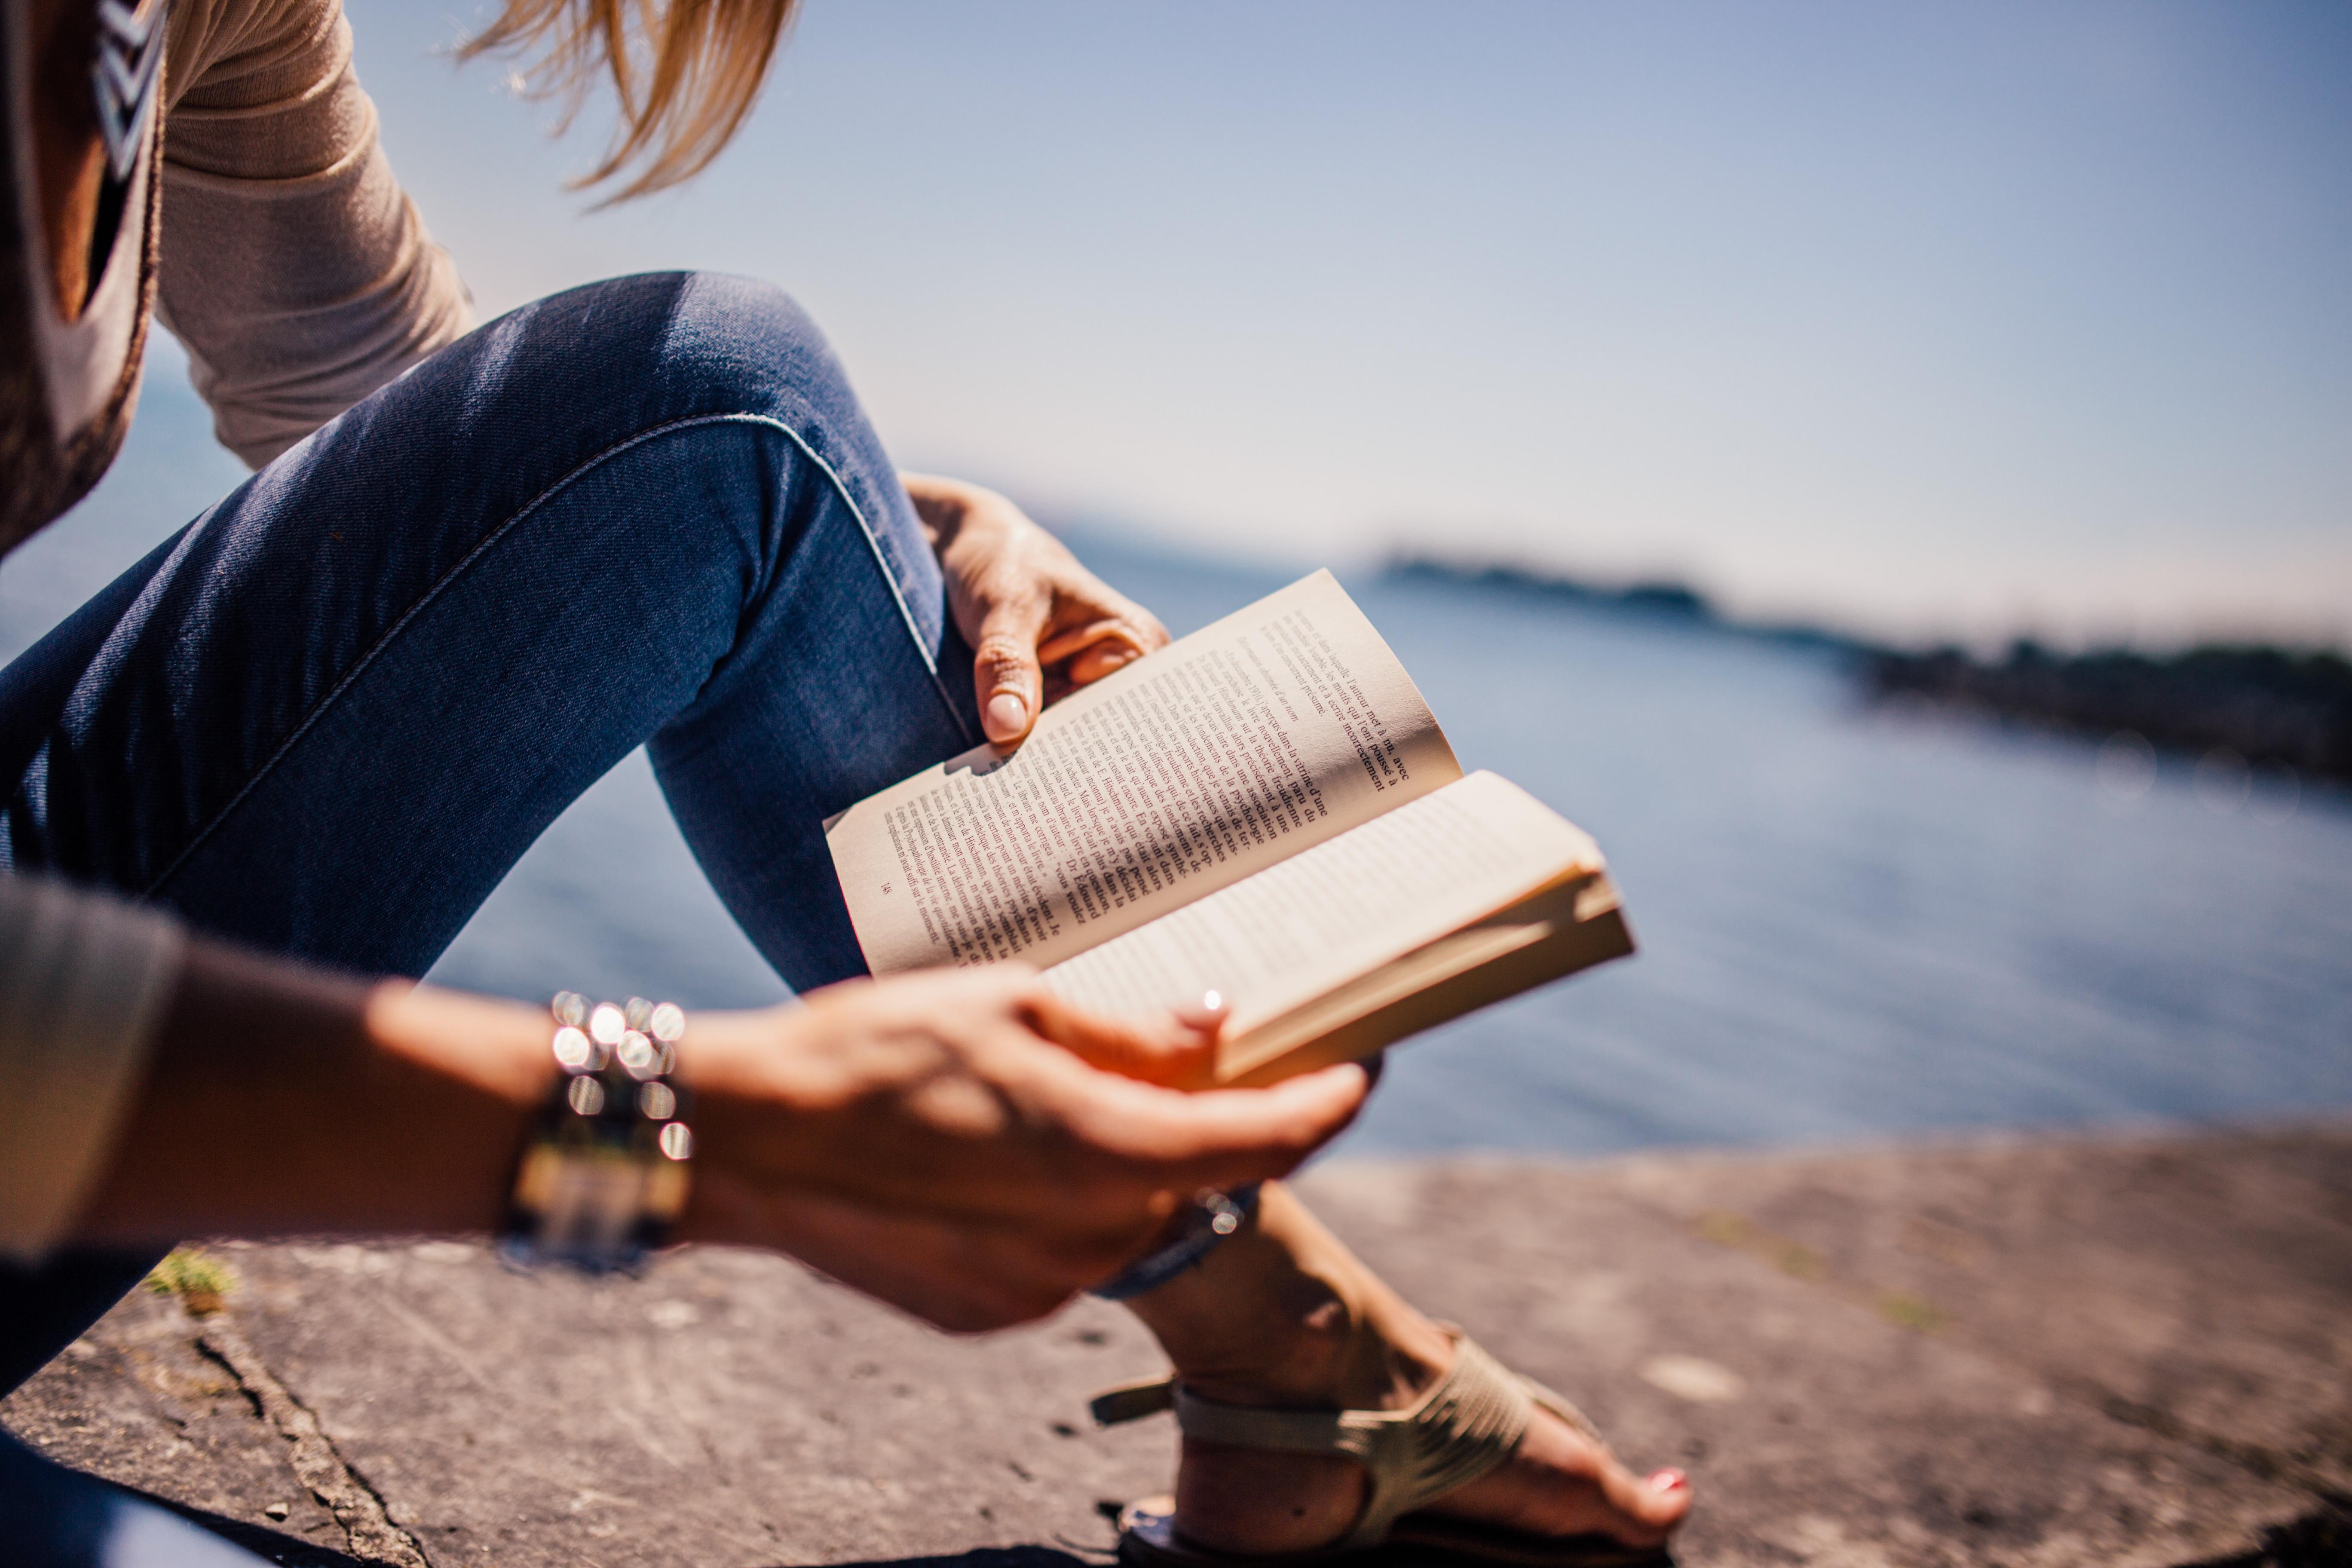 картинки изображение книг людей котла выполнен стали